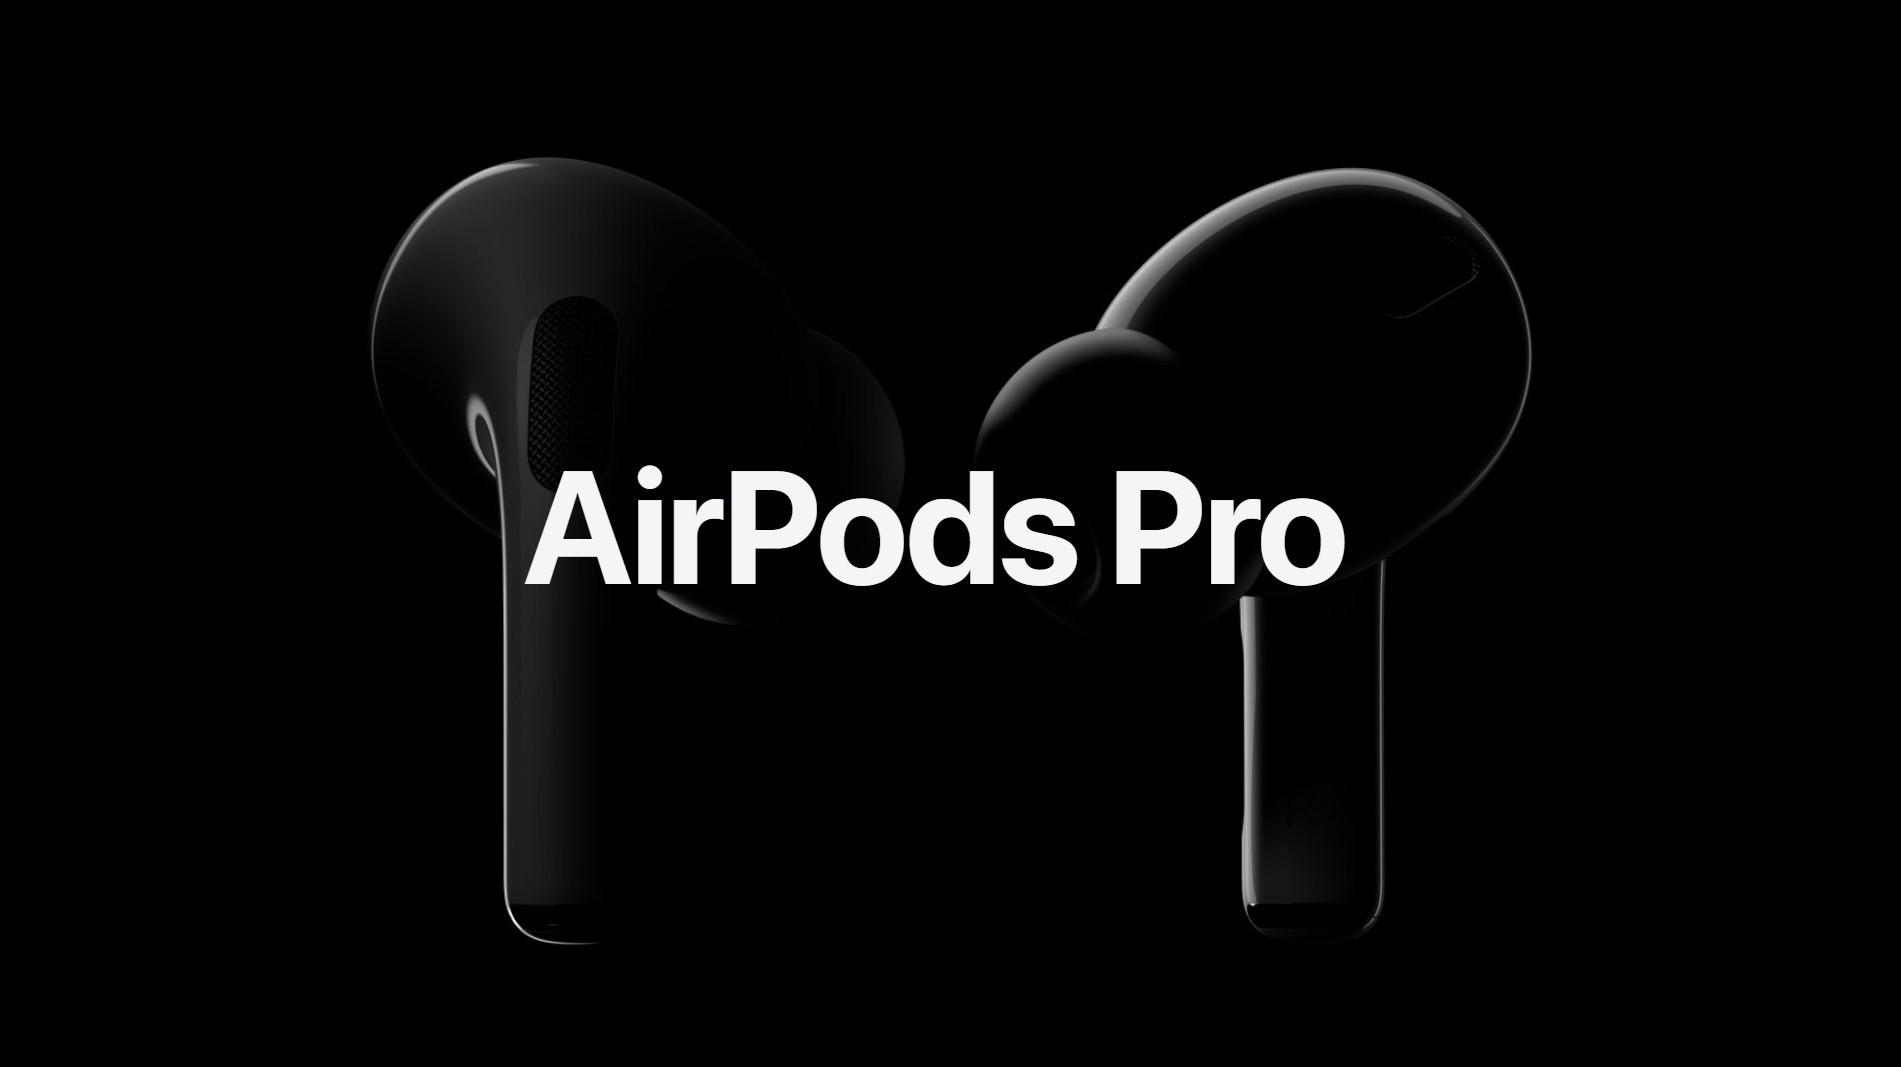 Apple představil AirPods Pro, stojí 7290 Kč